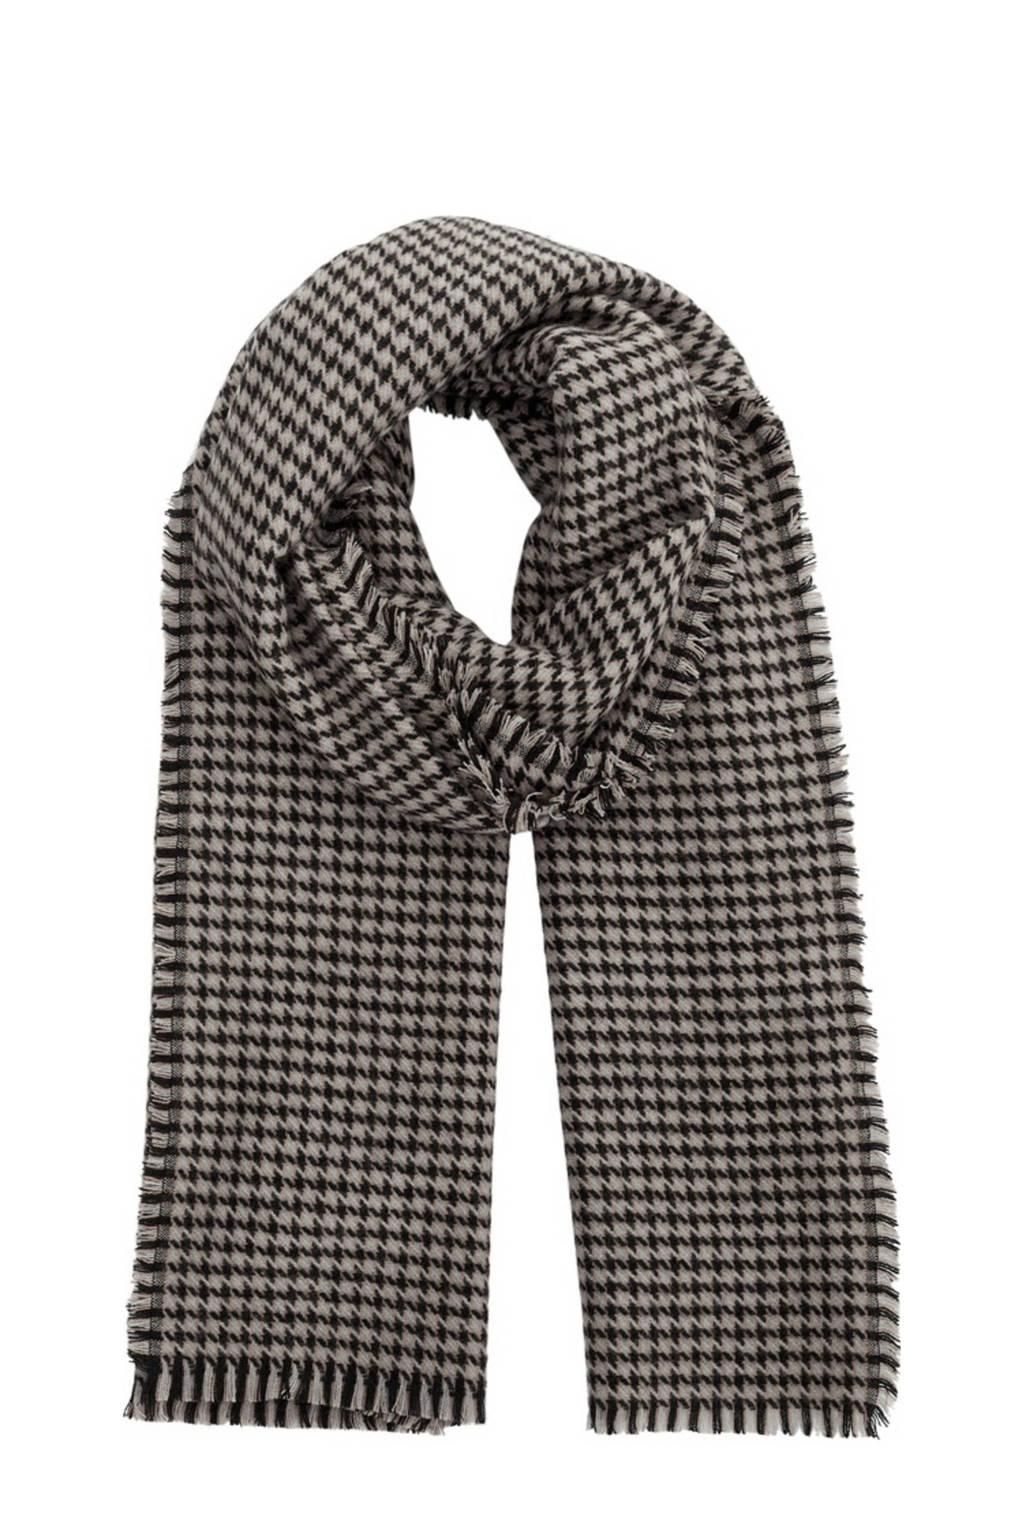 PIECES sjaal met pied de poule motief zwart, Zwart